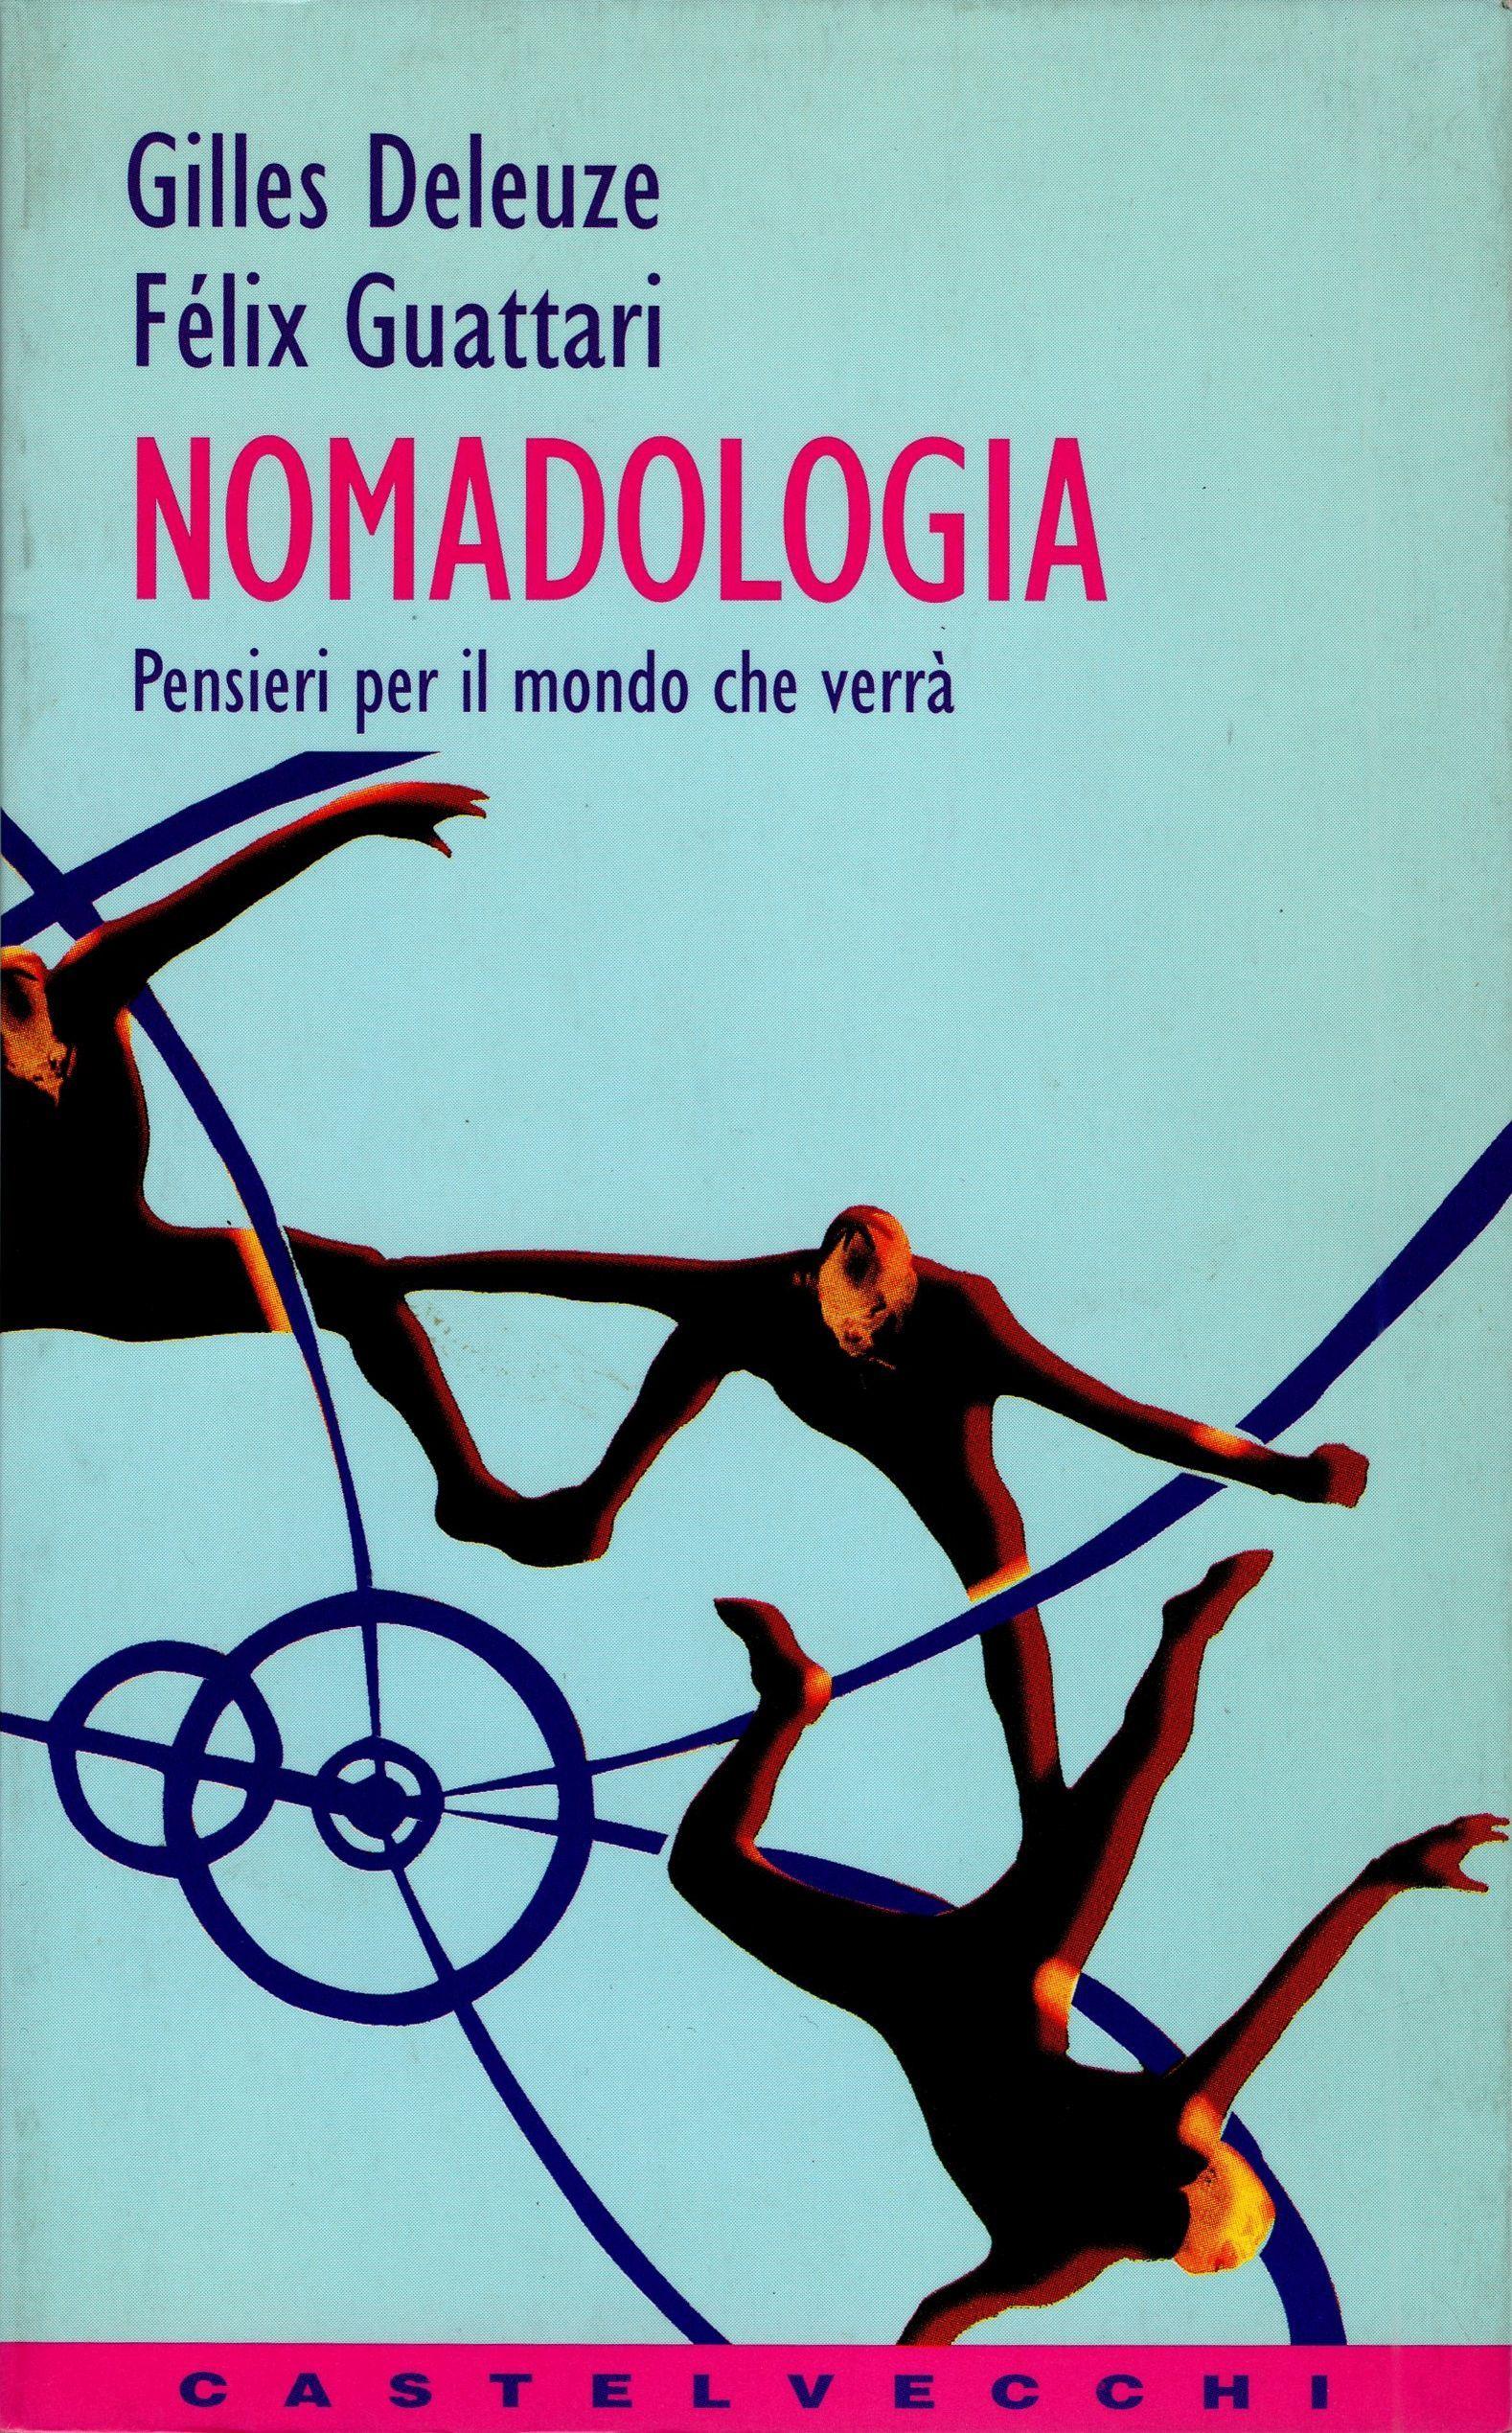 nomadologia – deleuze guattari – Castelvecchi 1996 – RARO 19,90€